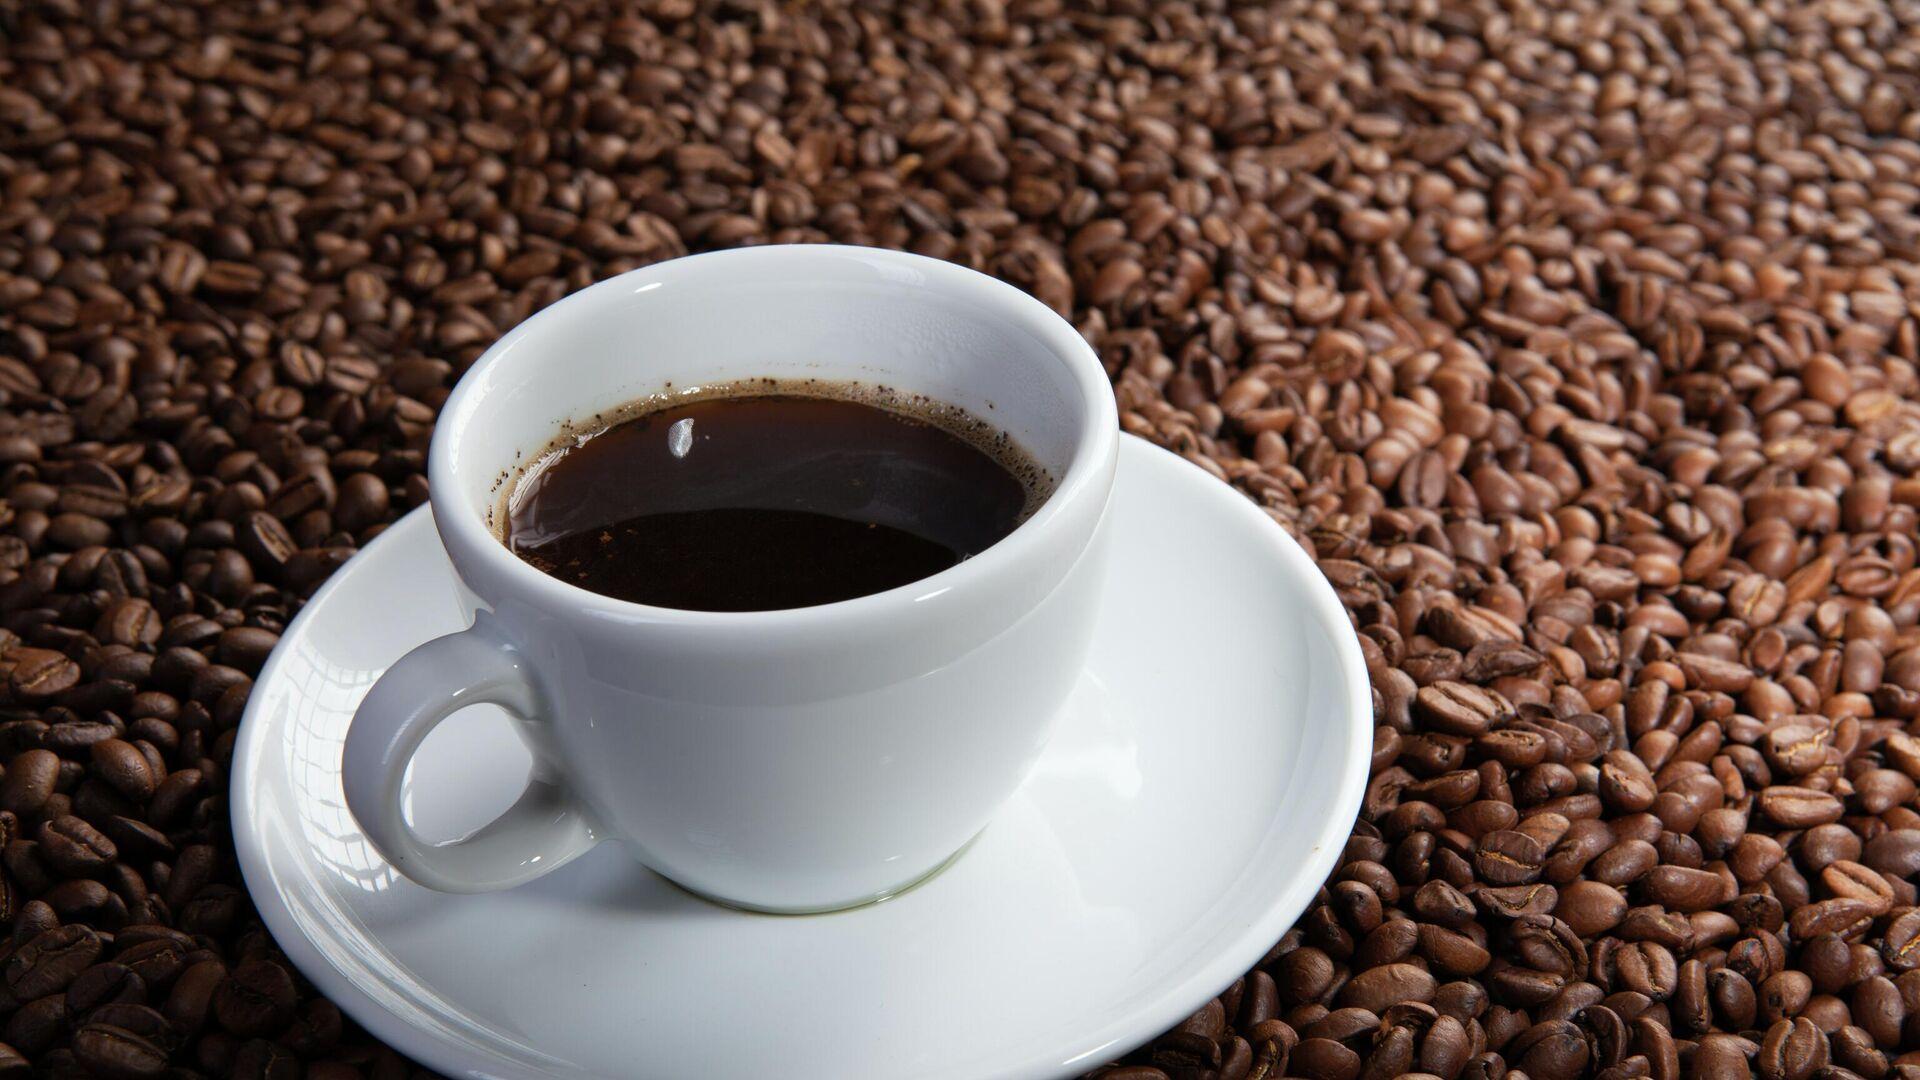 Una taza de café - Sputnik Mundo, 1920, 28.06.2021